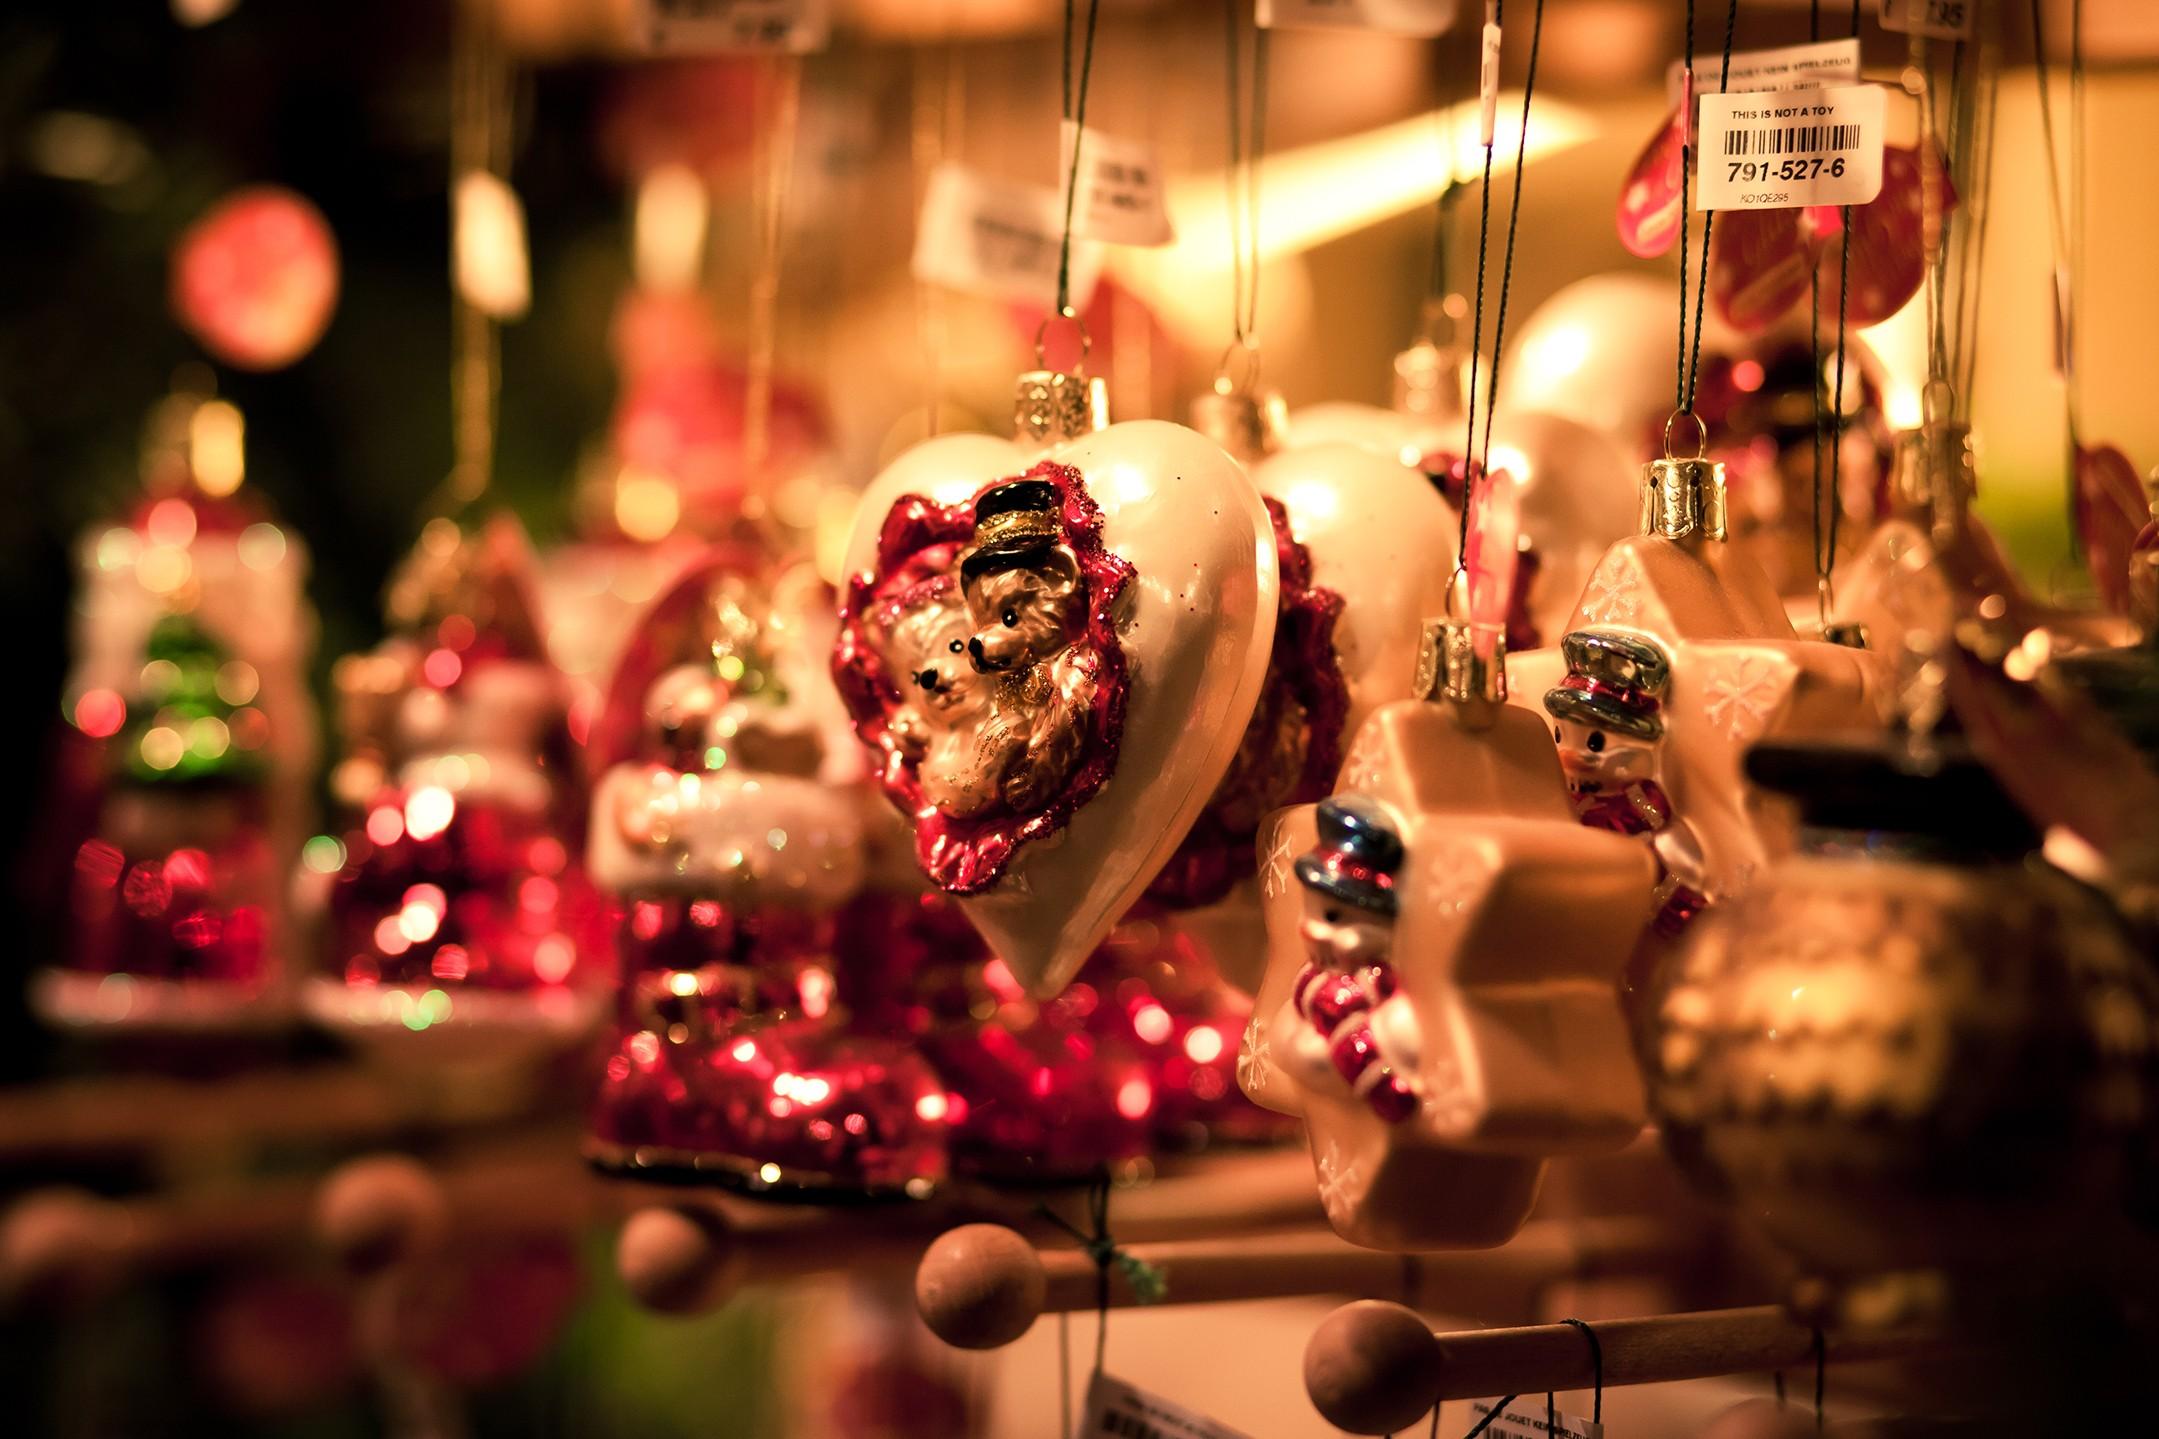 Dal 25 novembre i mercatini di Natale a Sanremo, apre anche la pista di pattinaggio